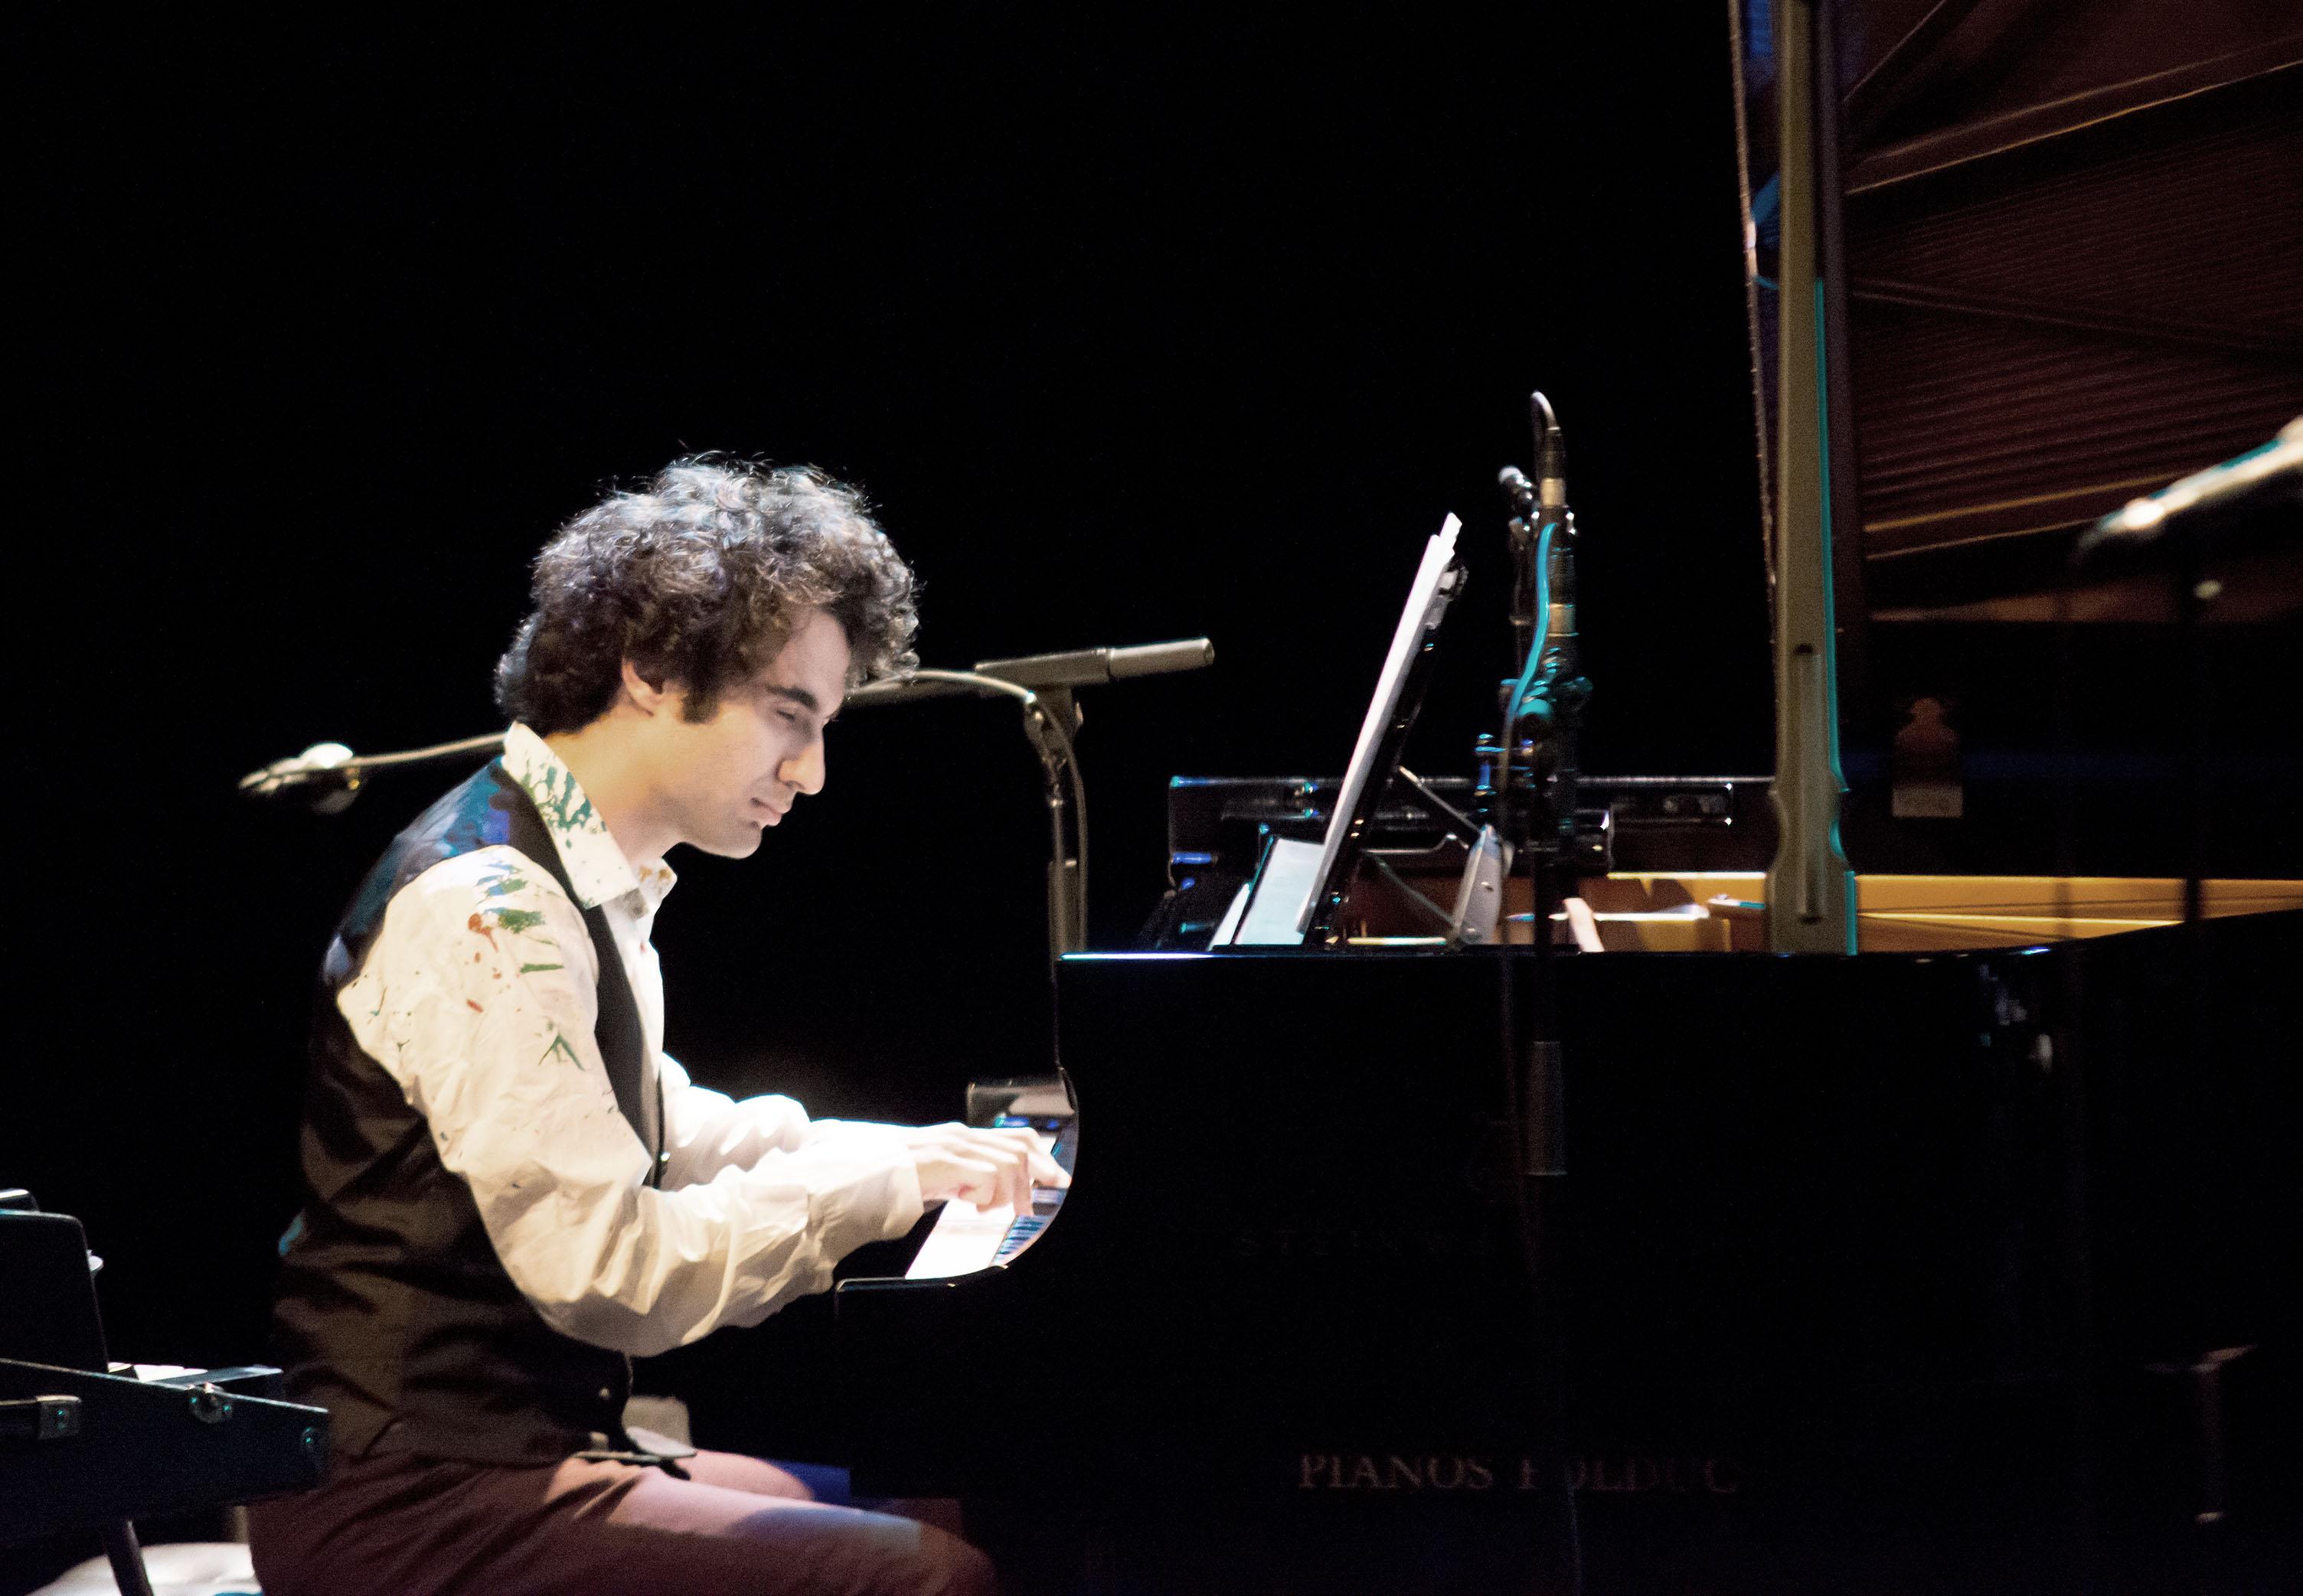 Ambrose Aklnmusire & Tigran at 2014 Festival International de Jazz de Montréal